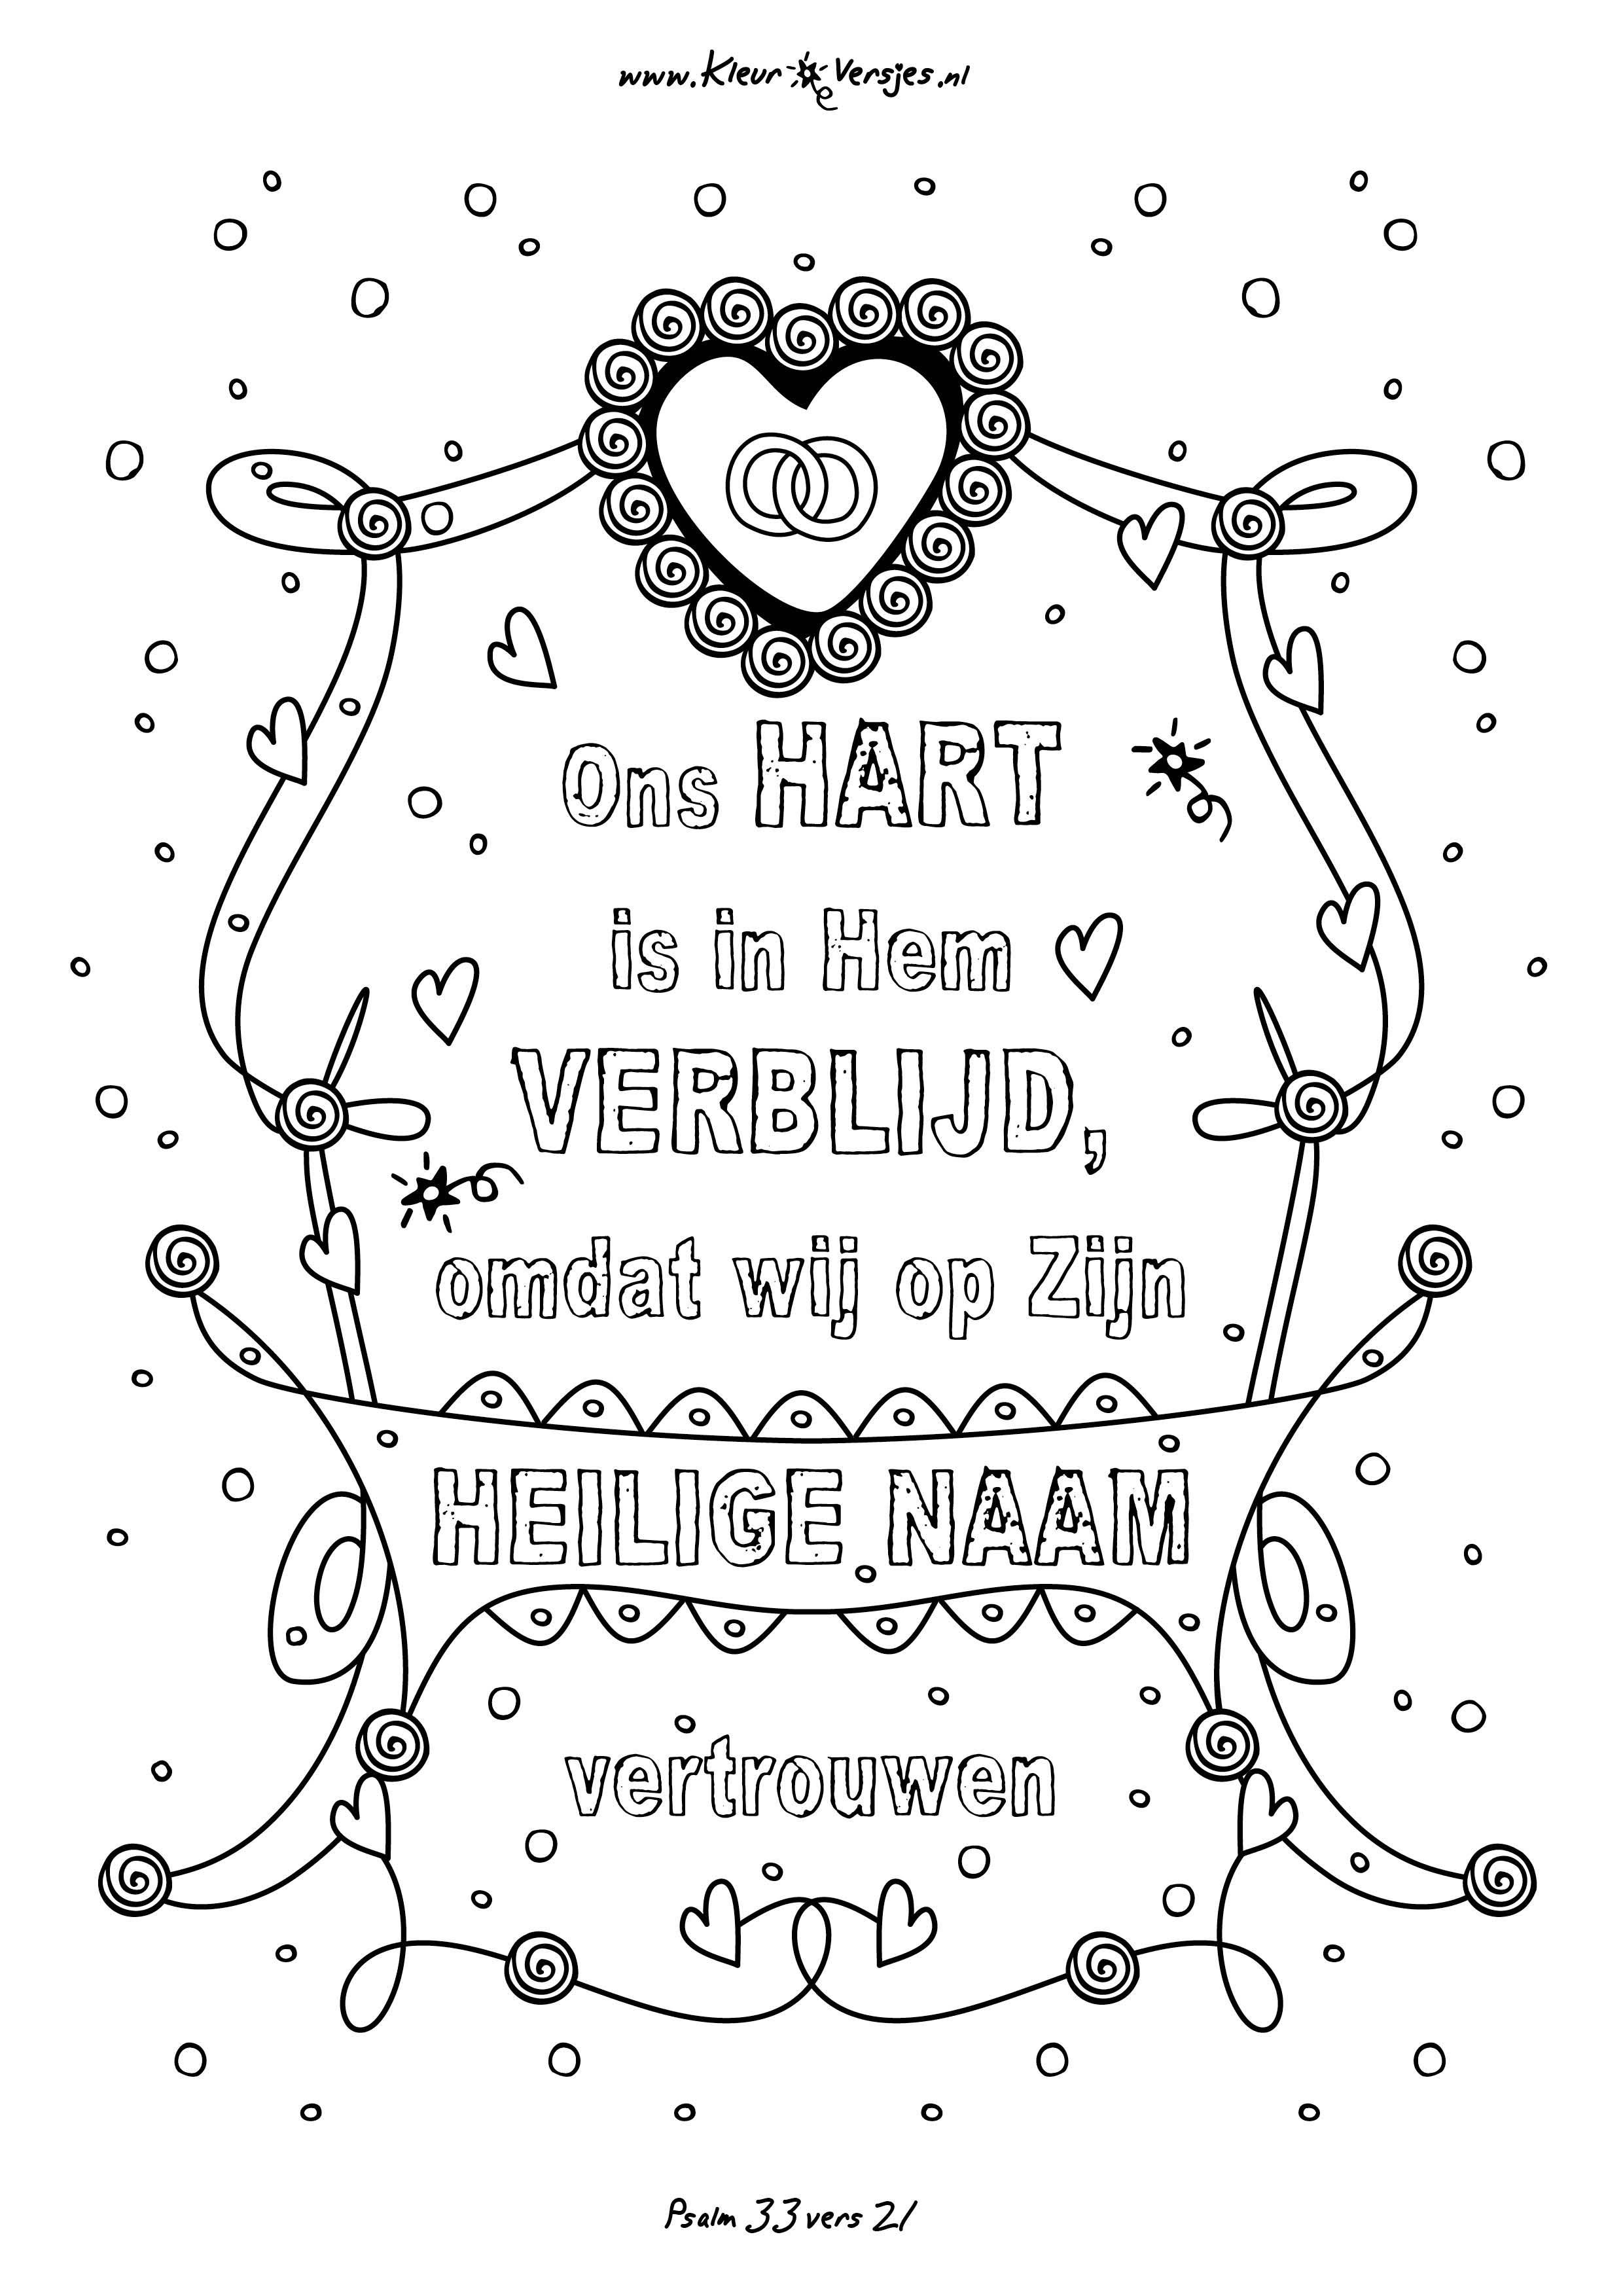 kleurplaten nl instagram 015 ons hart is in hem verblijd